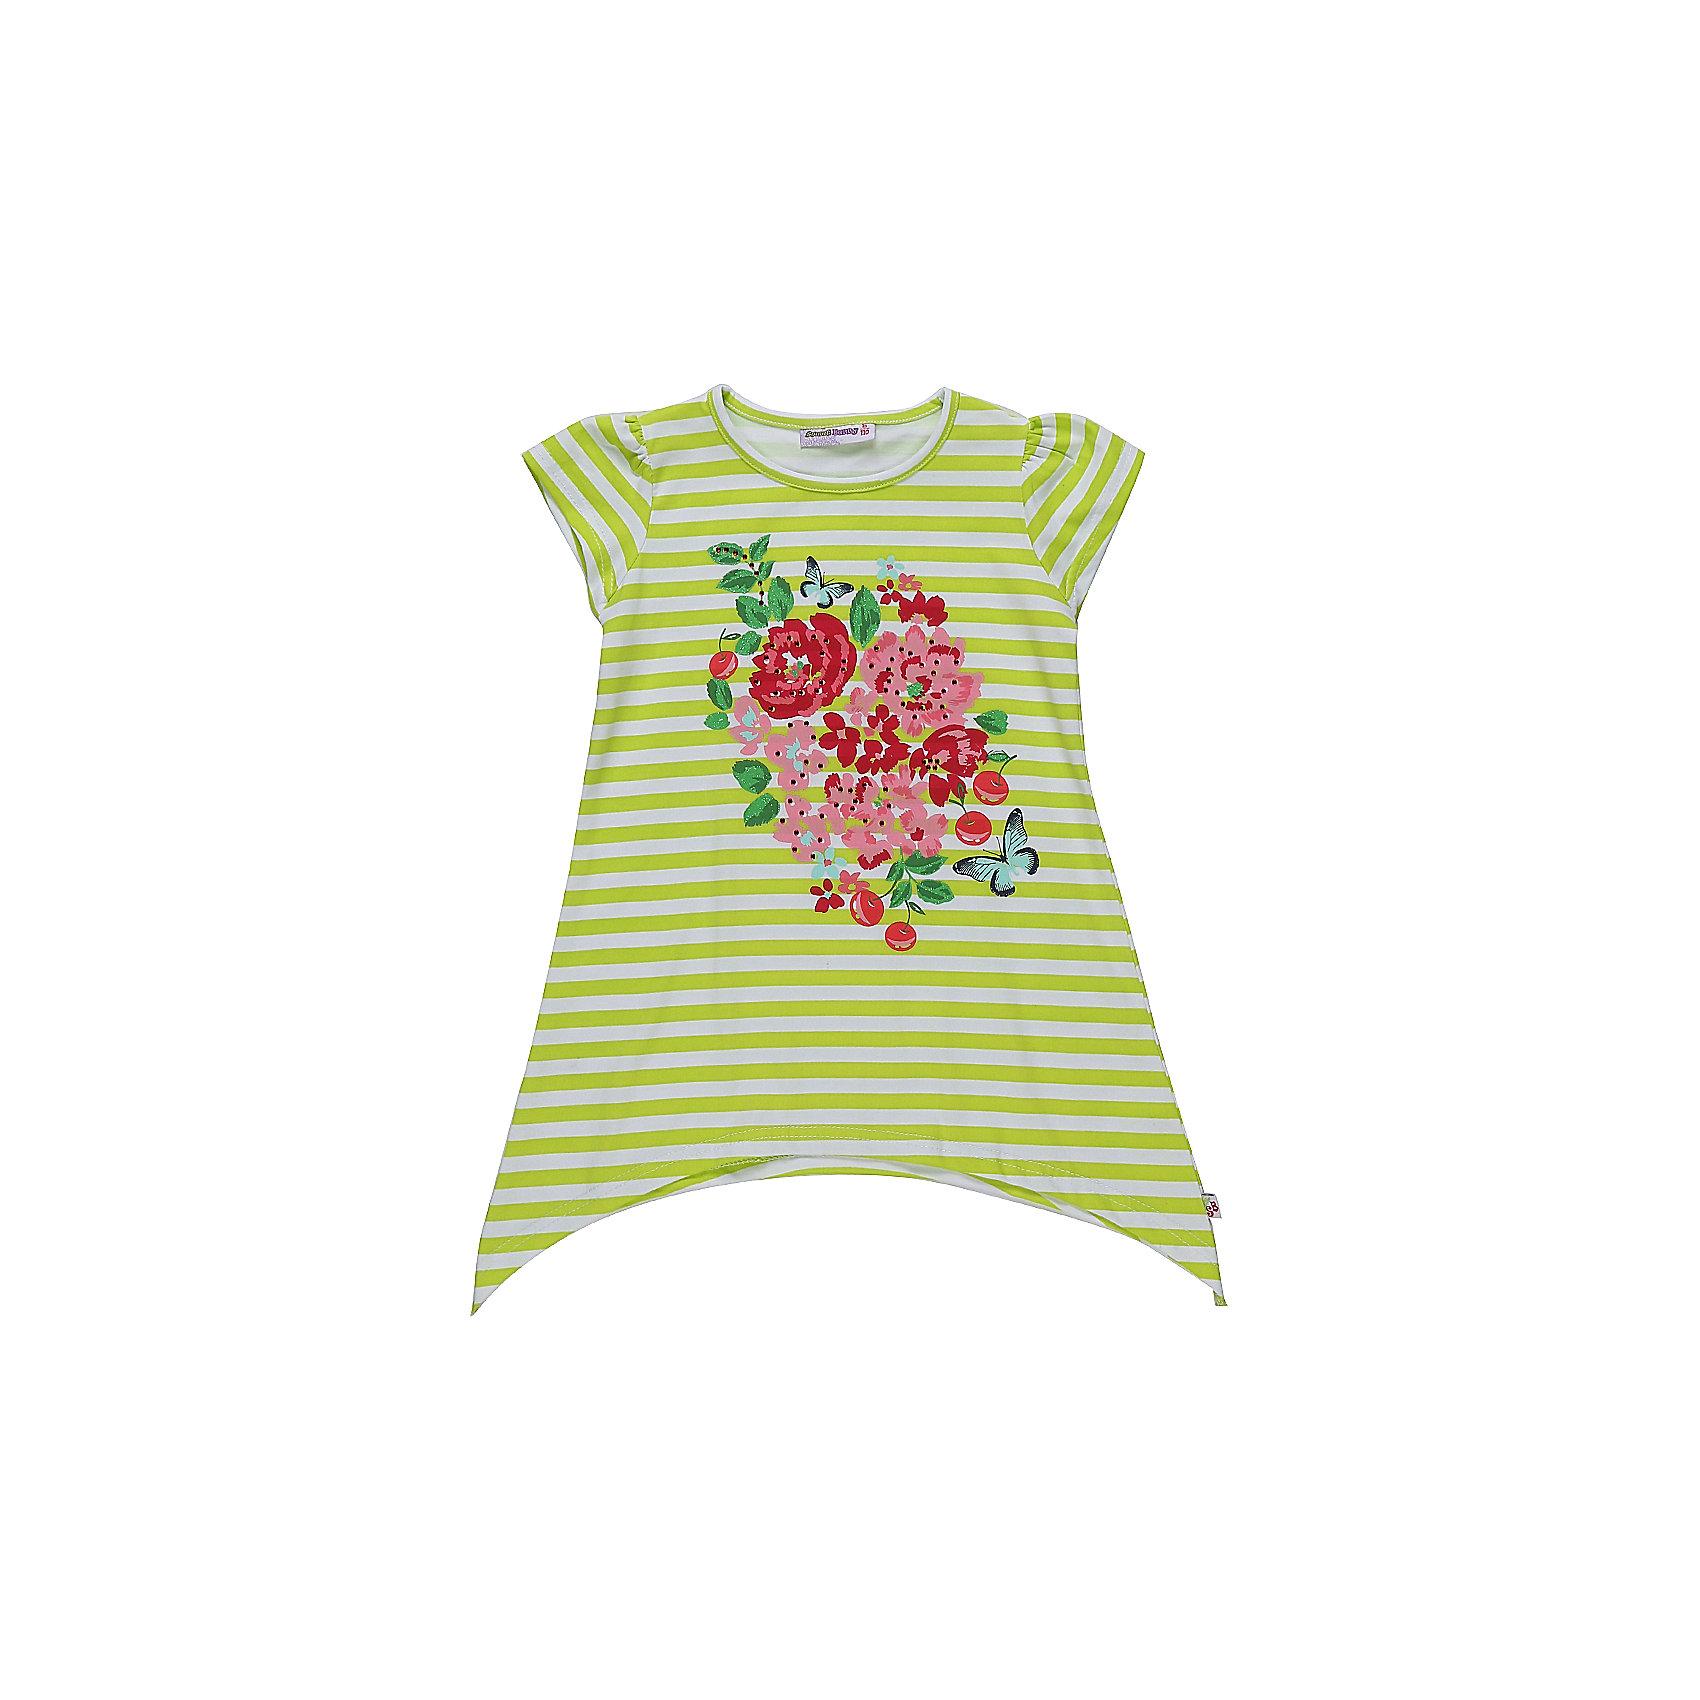 Футболка для девочки Sweet BerryСтильная, Удлиненная футболка из трикотажной  ткани для девочки с коротким рукавом и ассиметричным низом. Декорирована оригинальным принтом.<br>Состав:<br>95%хлопок 5%эластан<br><br>Ширина мм: 199<br>Глубина мм: 10<br>Высота мм: 161<br>Вес г: 151<br>Цвет: разноцветный<br>Возраст от месяцев: 36<br>Возраст до месяцев: 48<br>Пол: Женский<br>Возраст: Детский<br>Размер: 104,98,110,116,122,128<br>SKU: 5409931